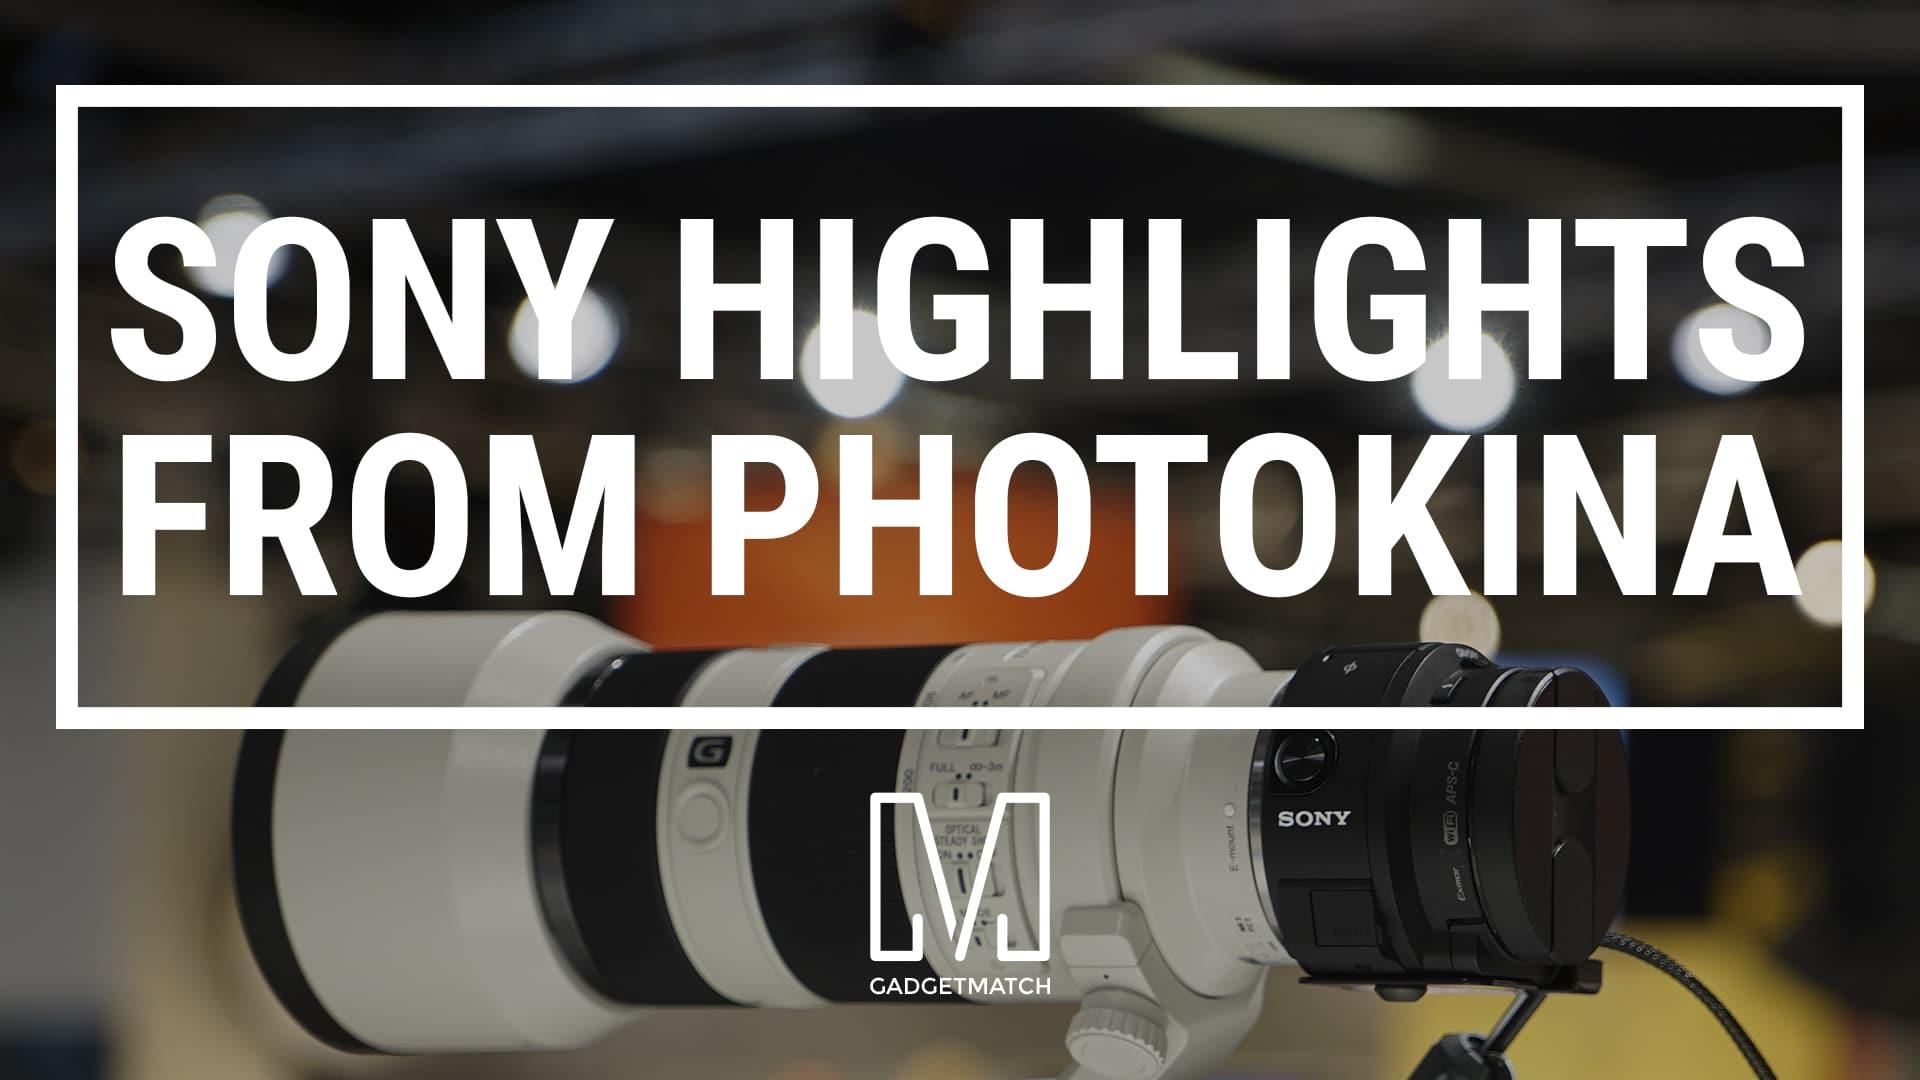 Sony Highlights Photokina 2014